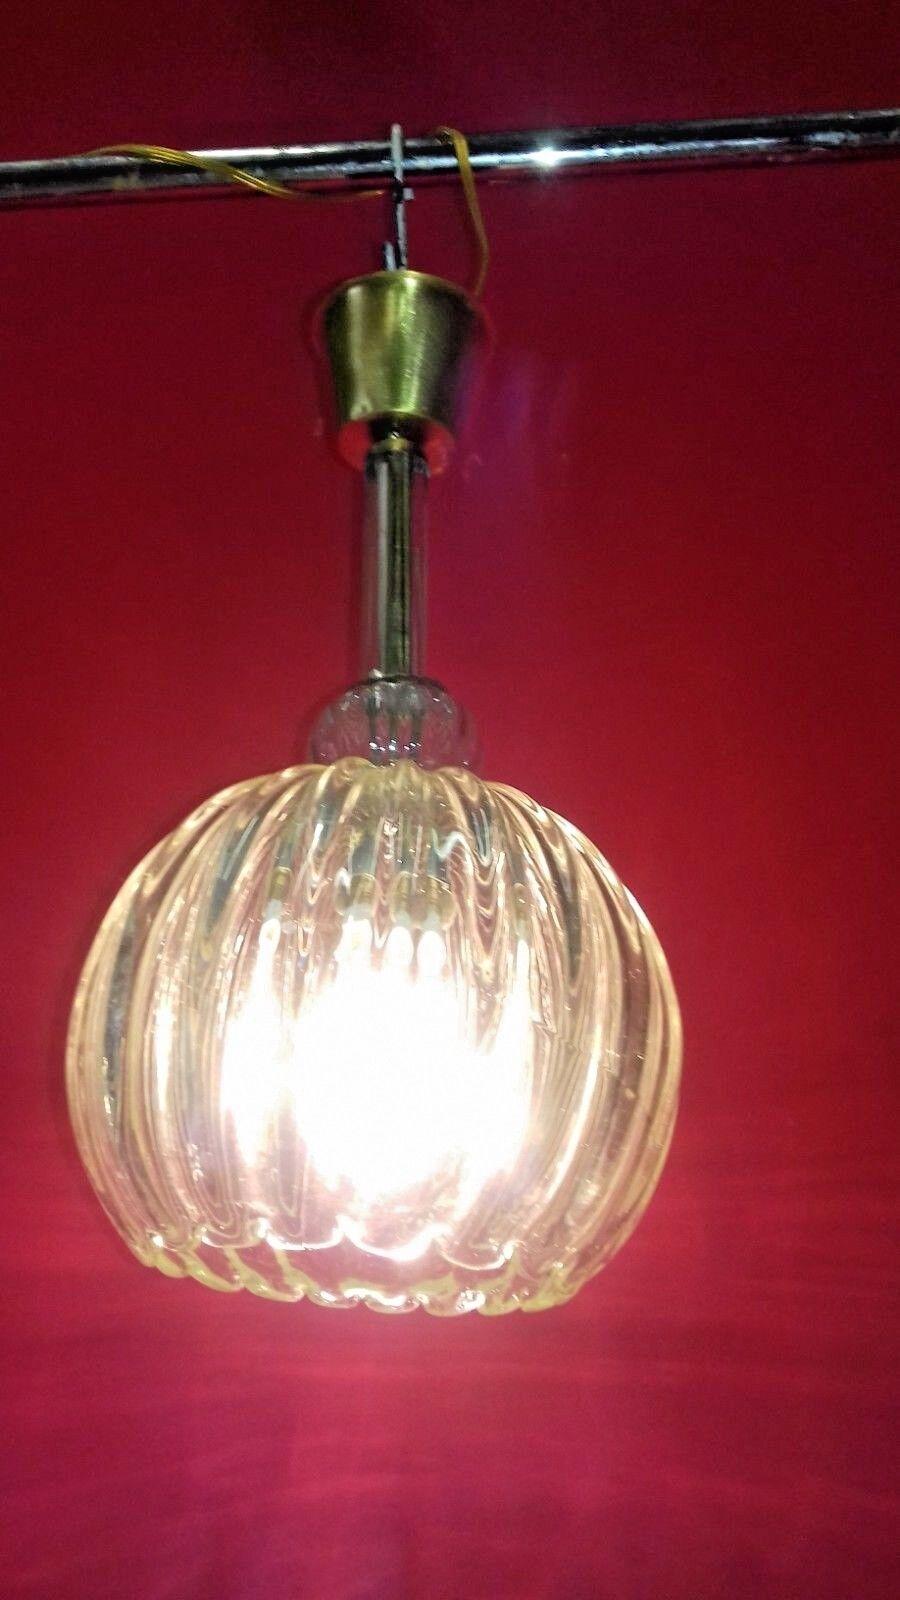 Bellissimo lampadario d'epoca anni20 stile Barovier Toso - Chandelier of the 20s